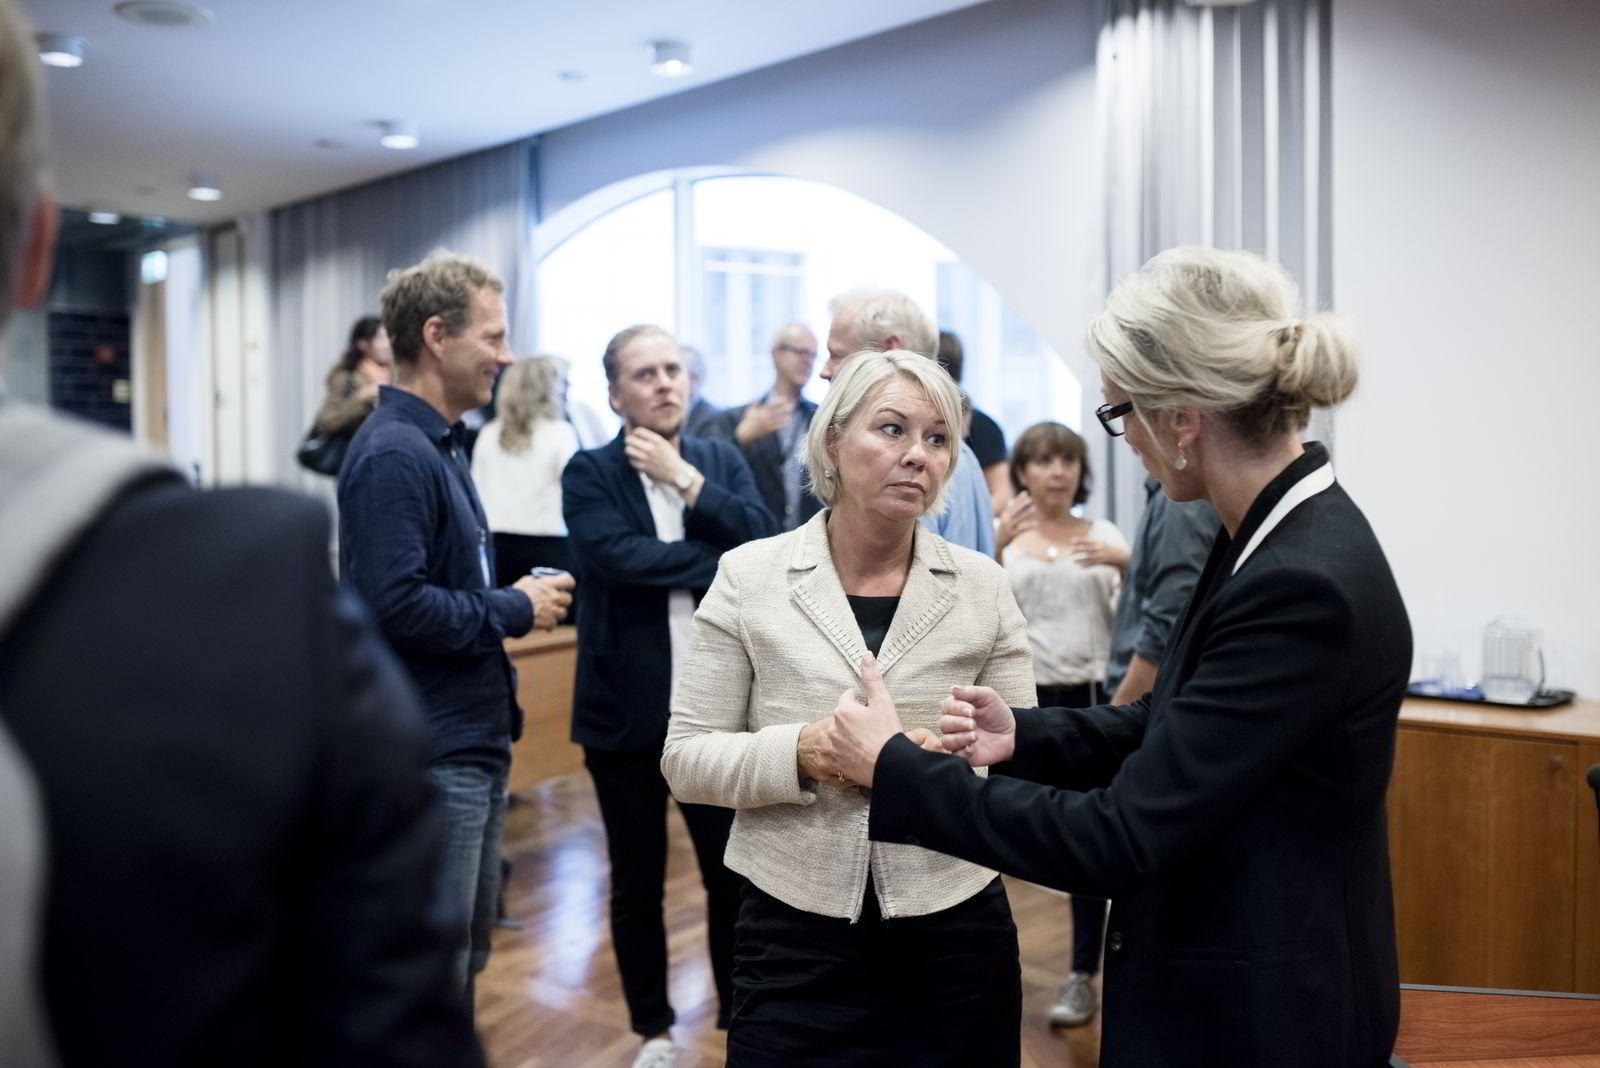 Næringsminister Monica Mæland mottok Innovasjon Norges budsjettønsker i form av et notat.